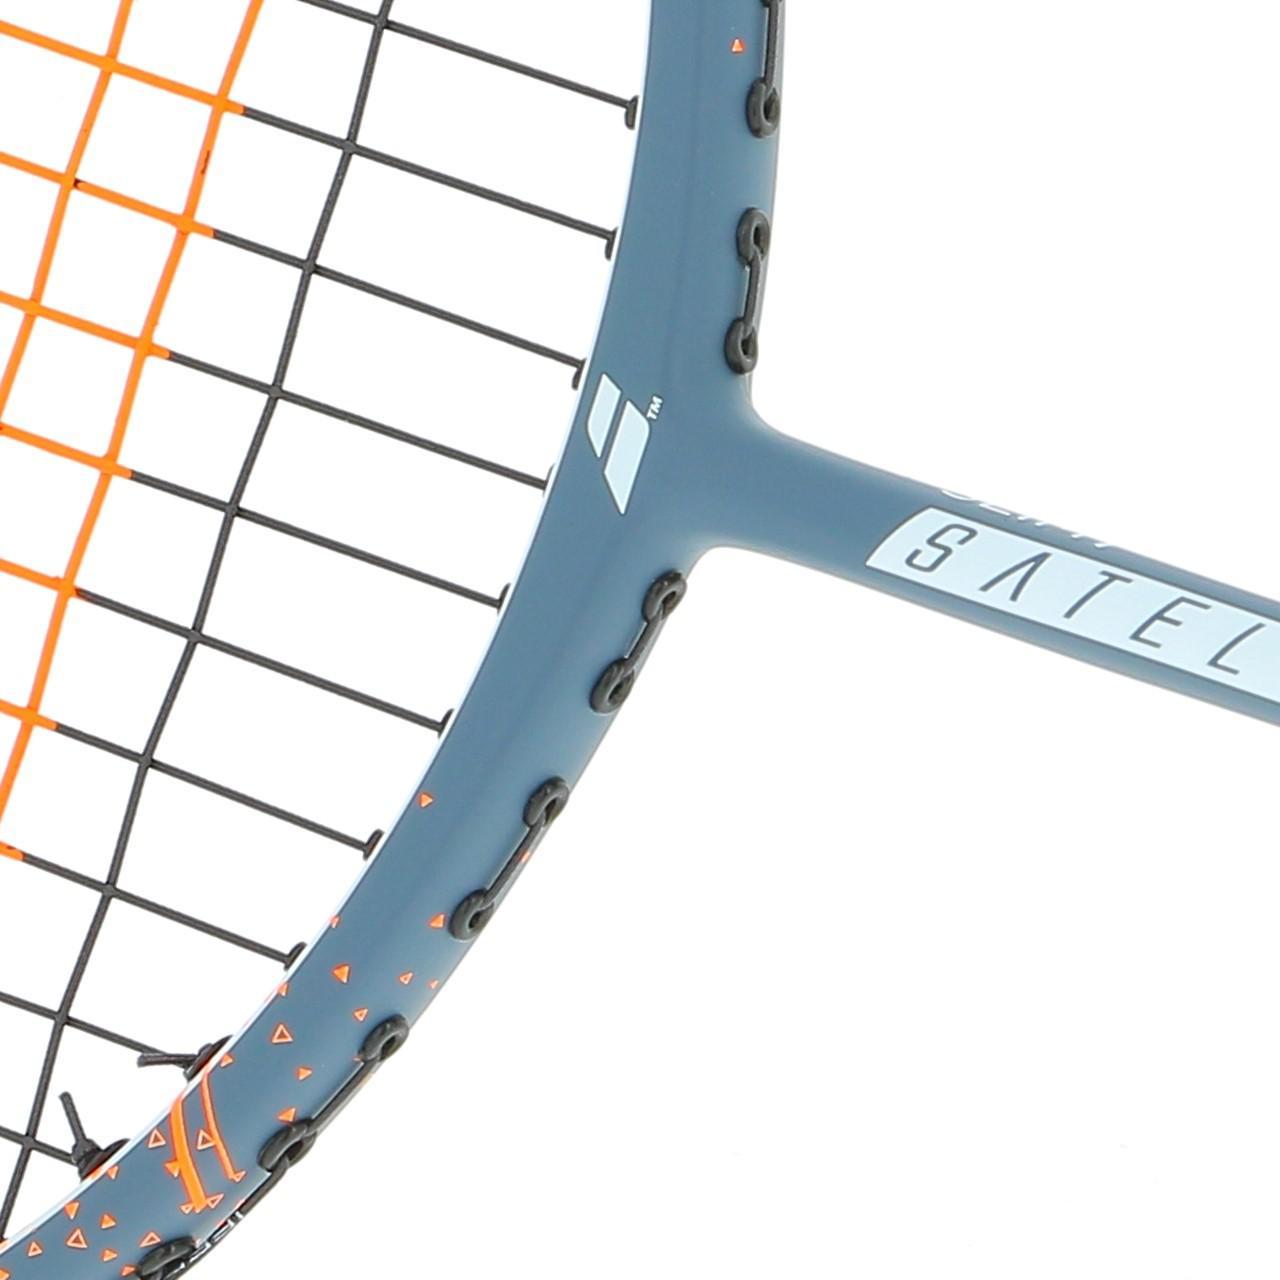 Schläger Badminton-schläger Babolat Prime 2k Strung Orange 60044 Neu